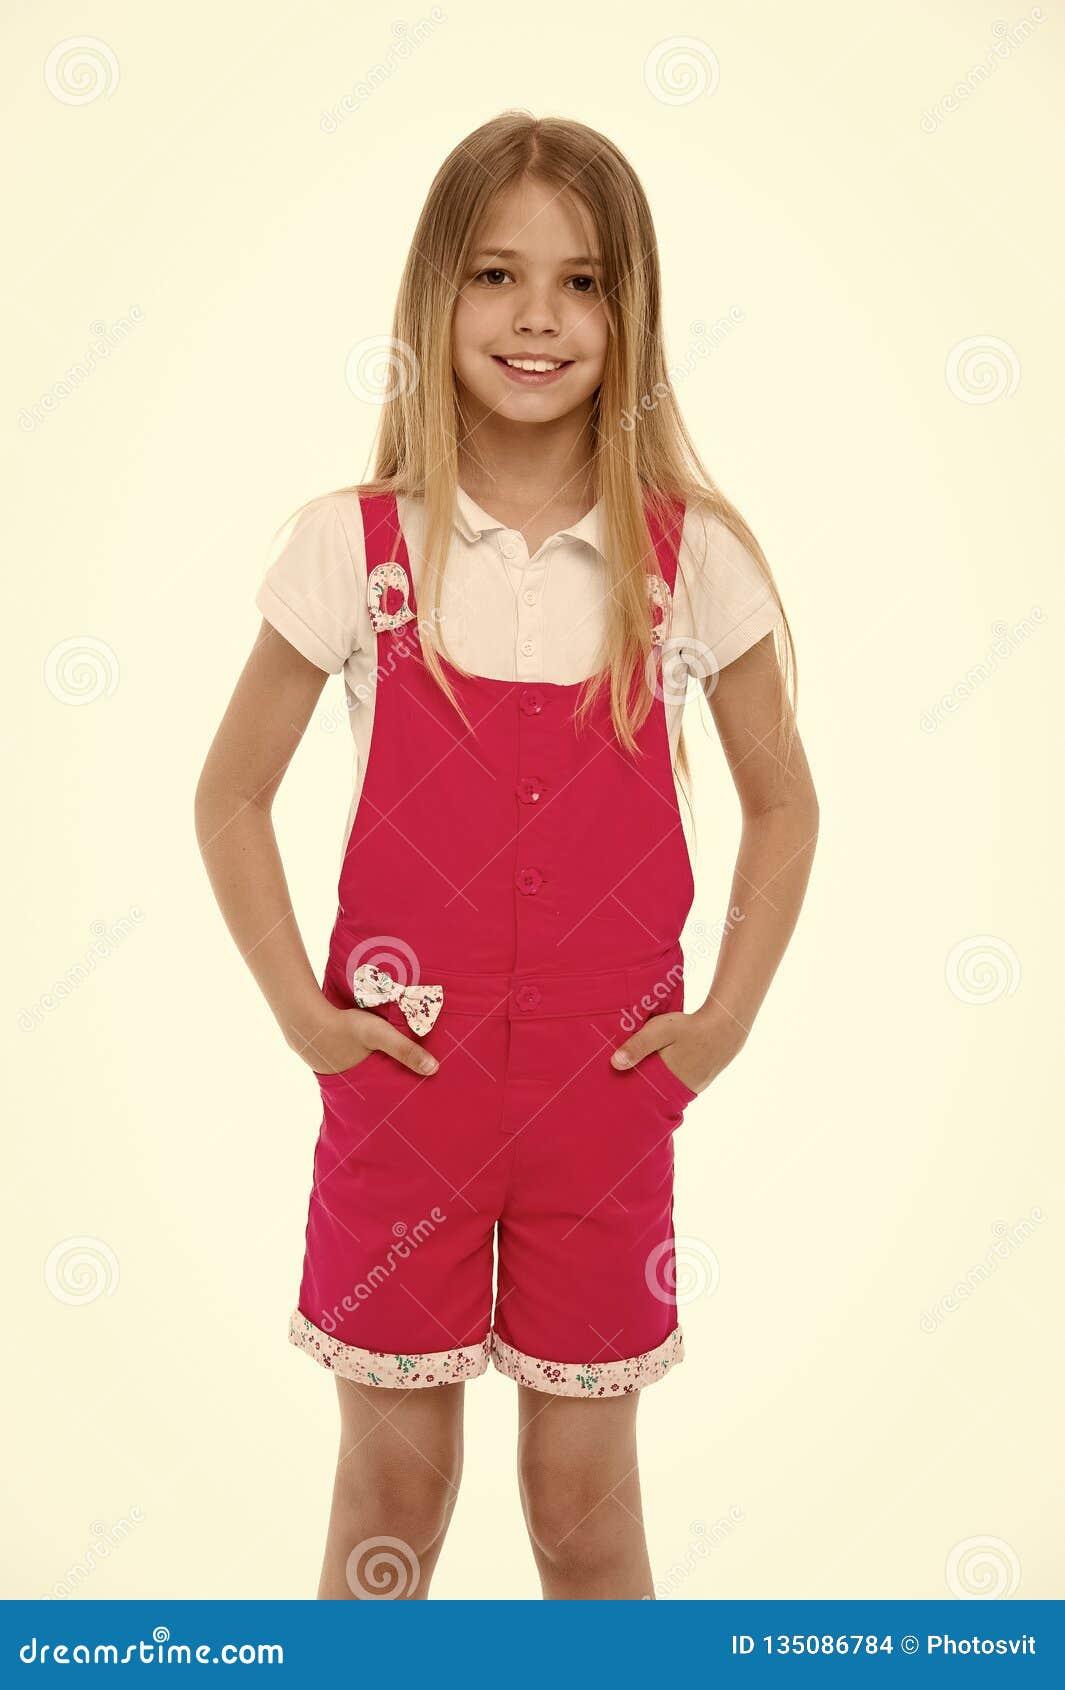 Stile e tendenza di modo Piccolo sorriso della ragazza in tuta rosa isolata su bianco Bambino che sorride con i capelli biondi lu